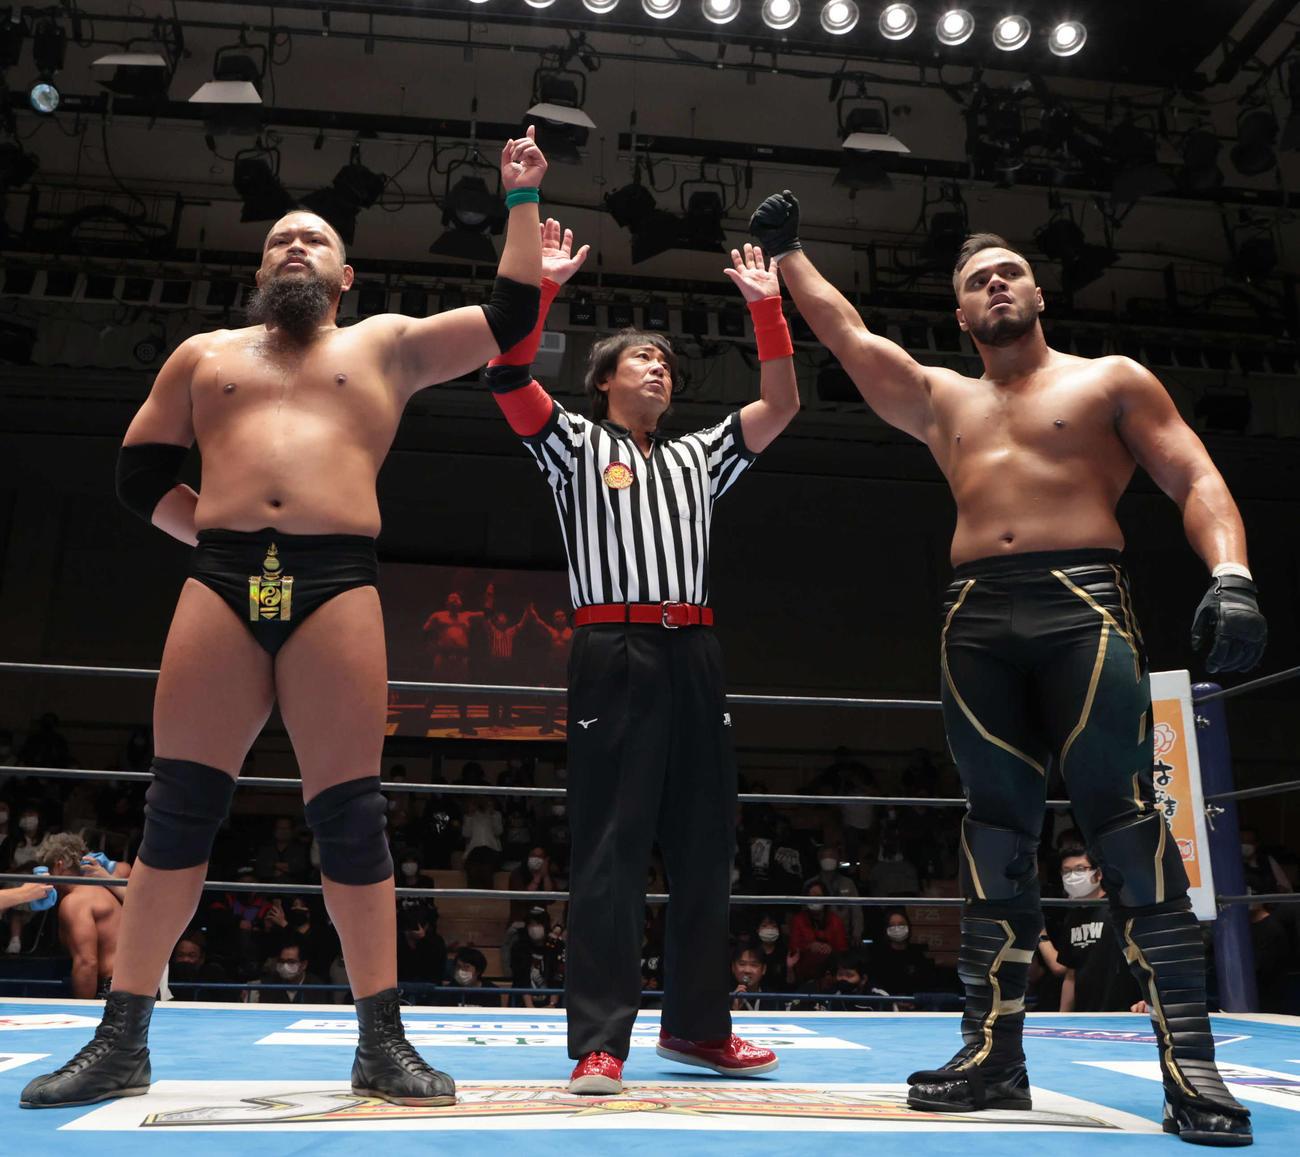 新日本プロレス後楽園大会 SANADA、内藤哲也組に勝利したグレート・O・カーン(左)とアーロン・ヘナーレ(右)(新日本プロレス提供)